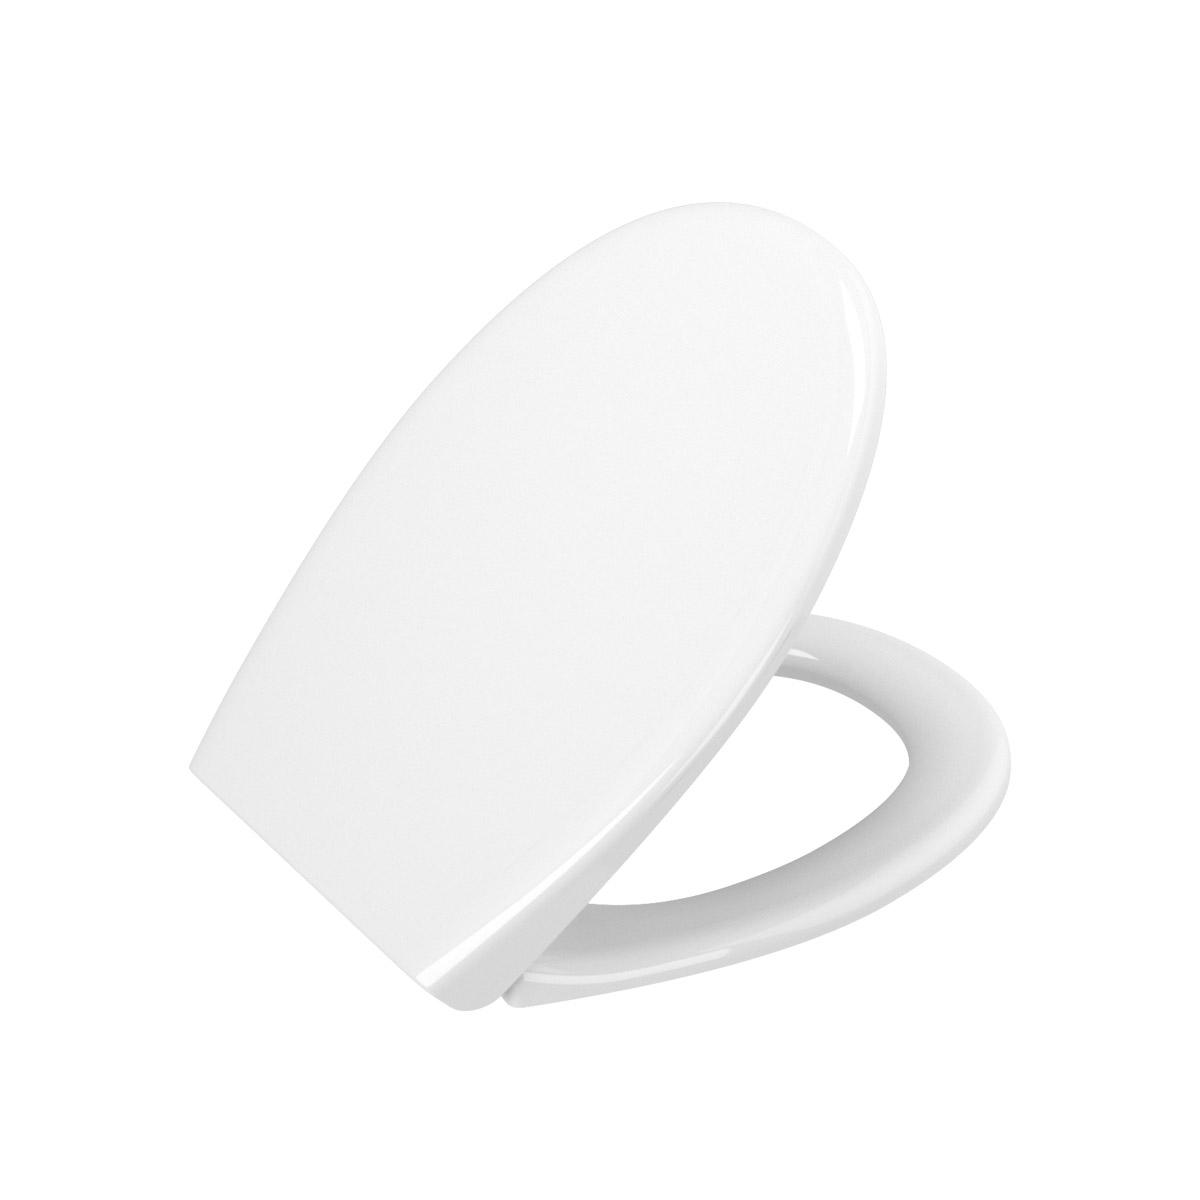 S20 WC-Sitz Universal, zu runden spülrandlosen WCs ohne Absenkautomatik, Weiß Hochglanz